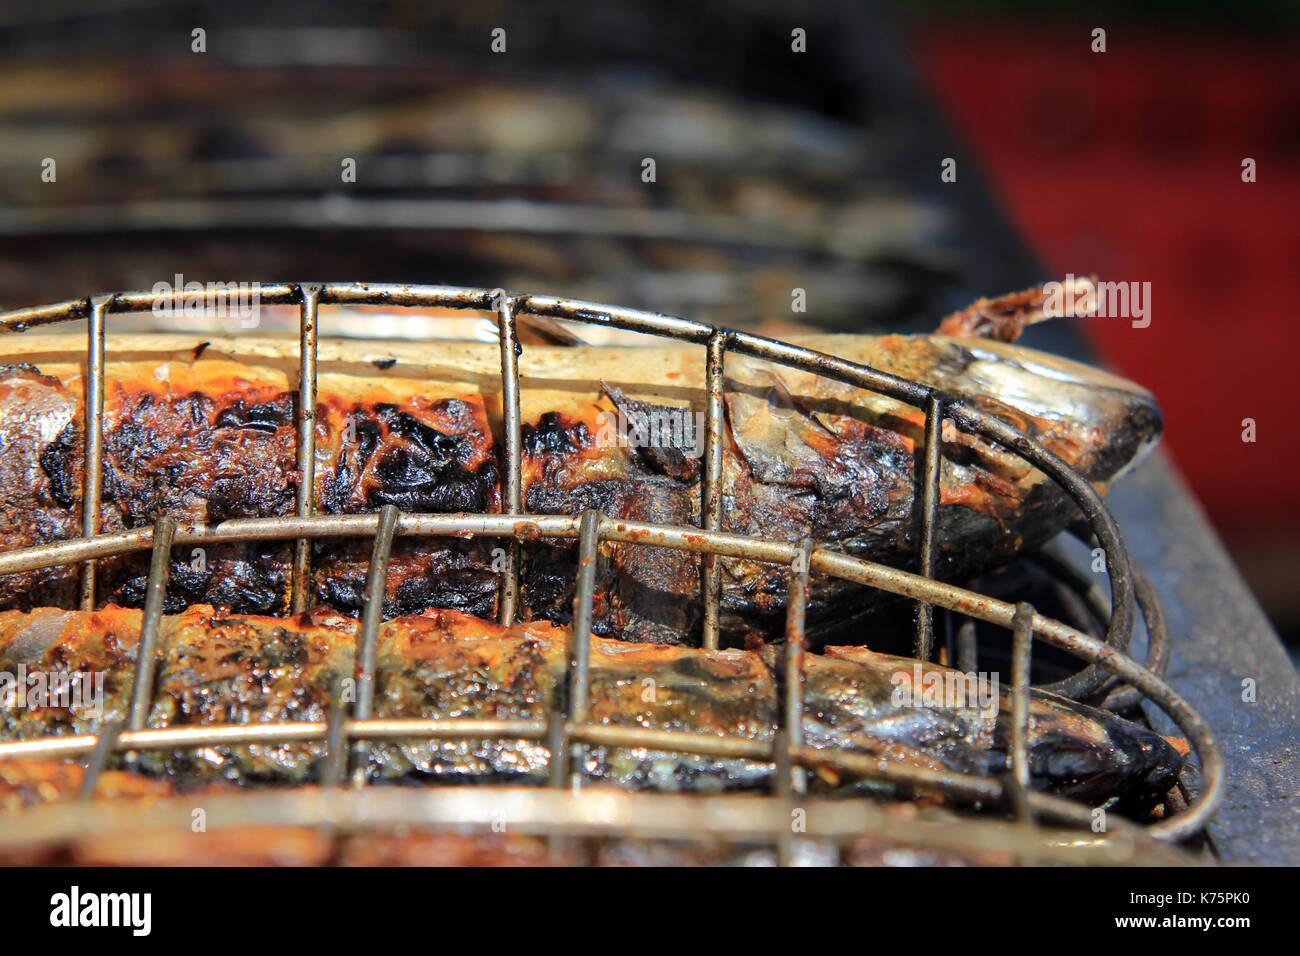 grillfisch beim Volksfest - Stock Image